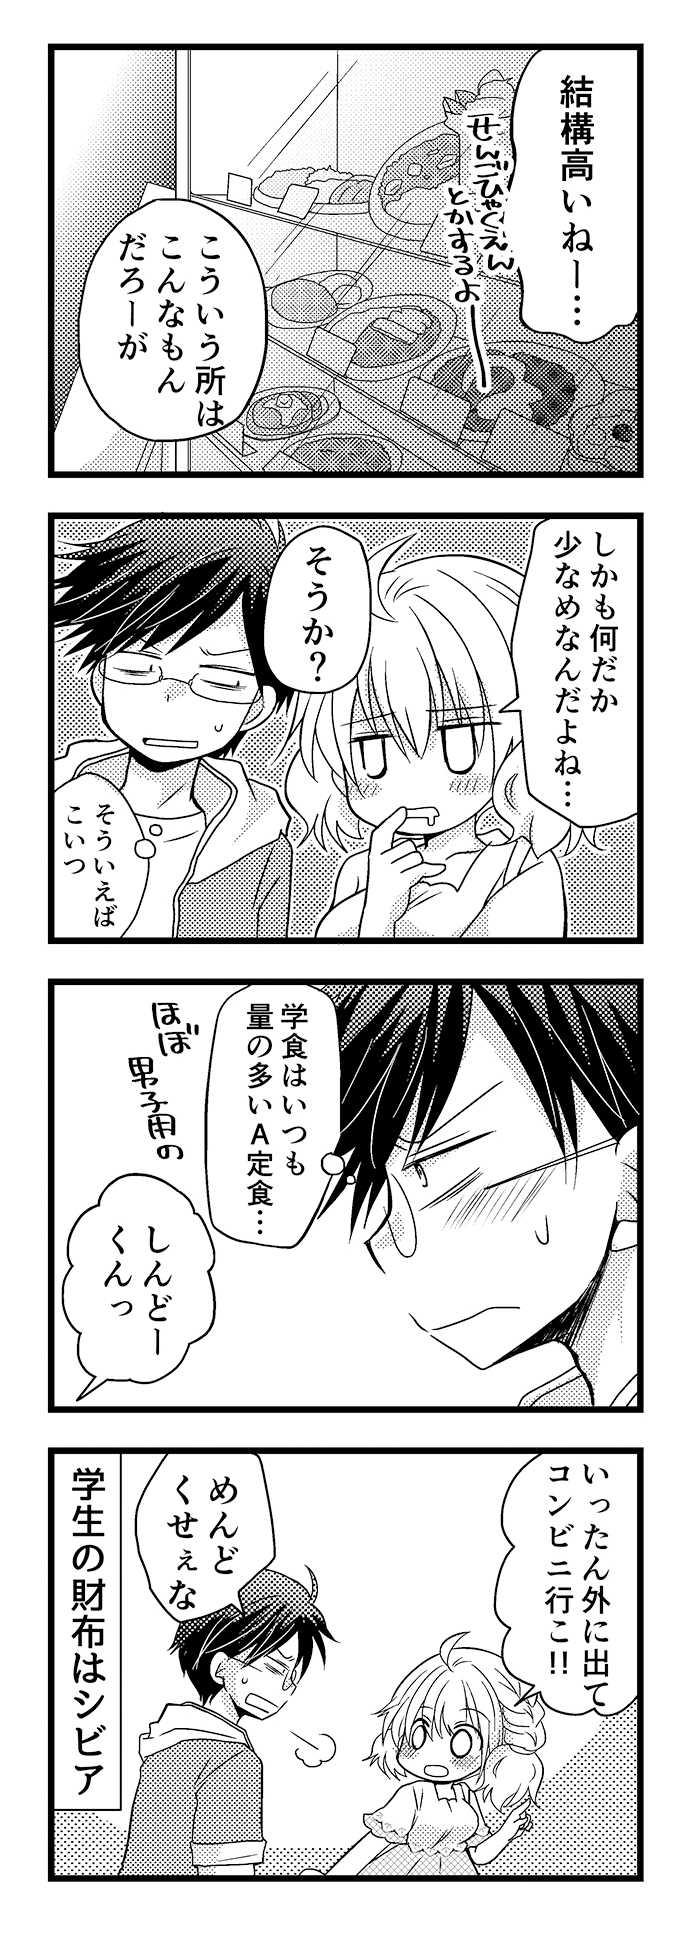 17「さくらとSMILE(8)」